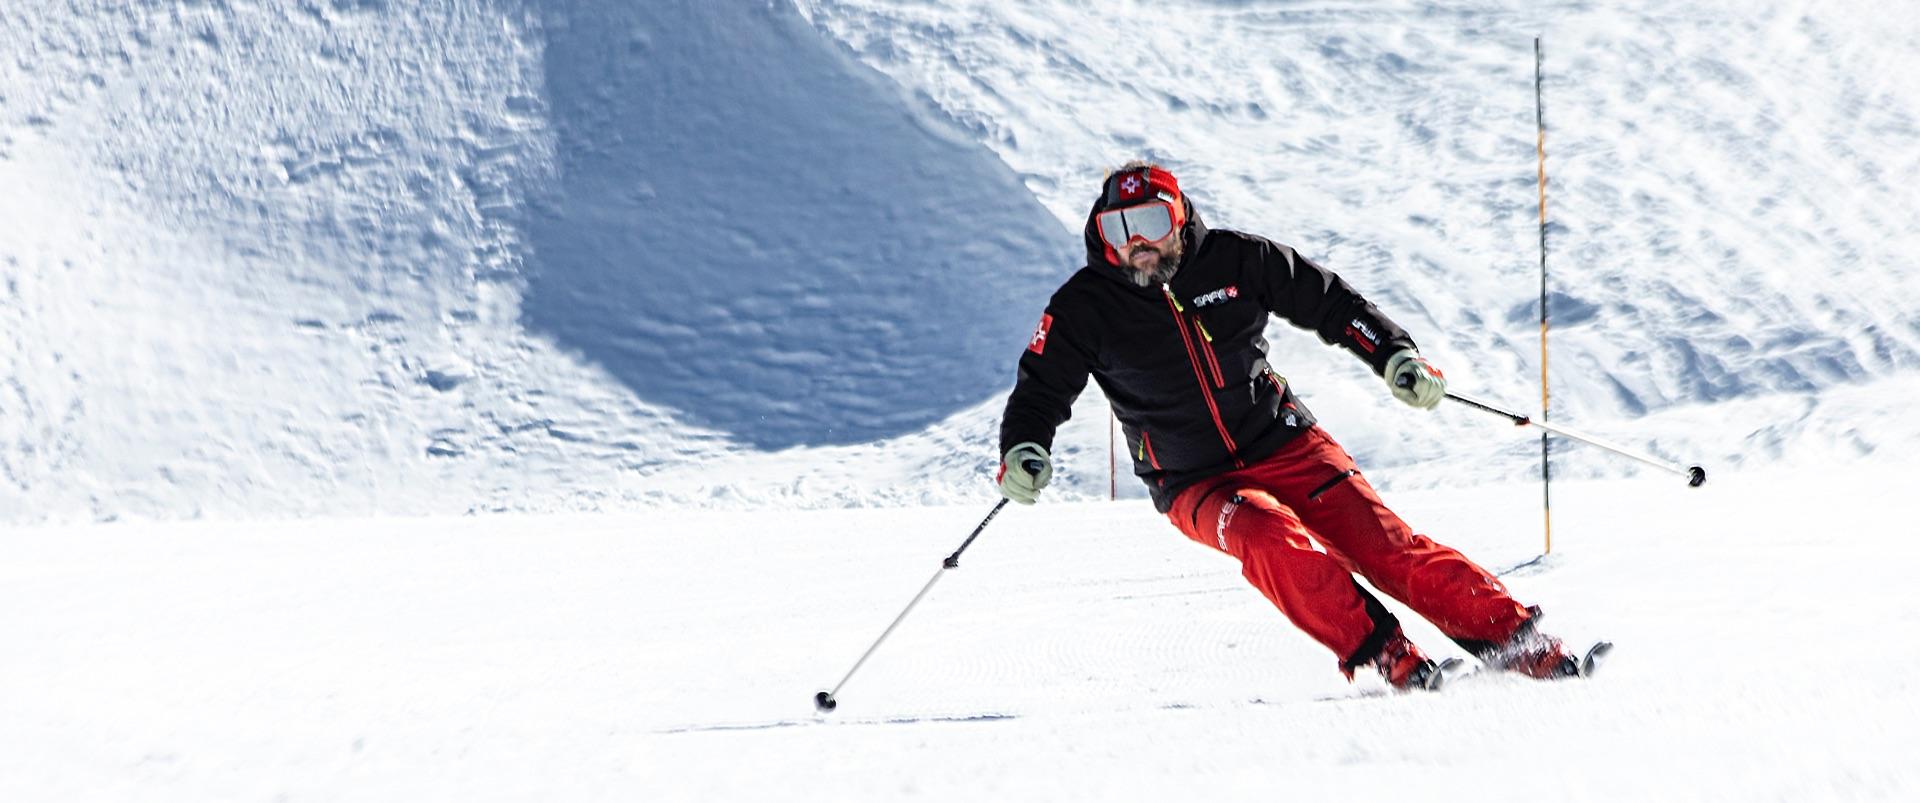 safe-formacion-convocatoria-tecnicos-deportivos-esqui-alpino-3